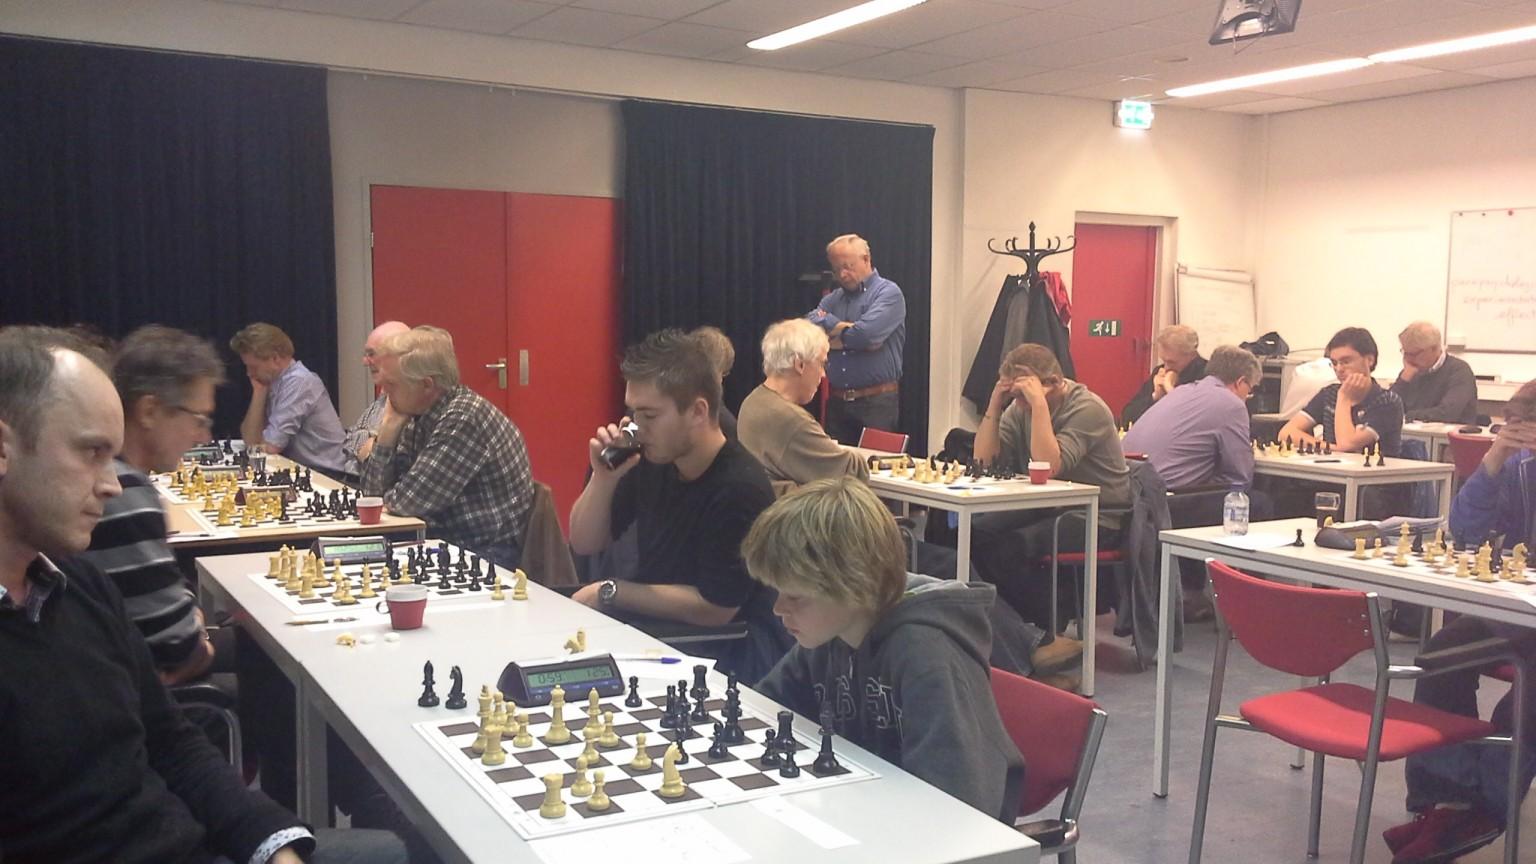 2e ronde Vierkampen 2013; foto gemaakt door Rijn de Jonge.